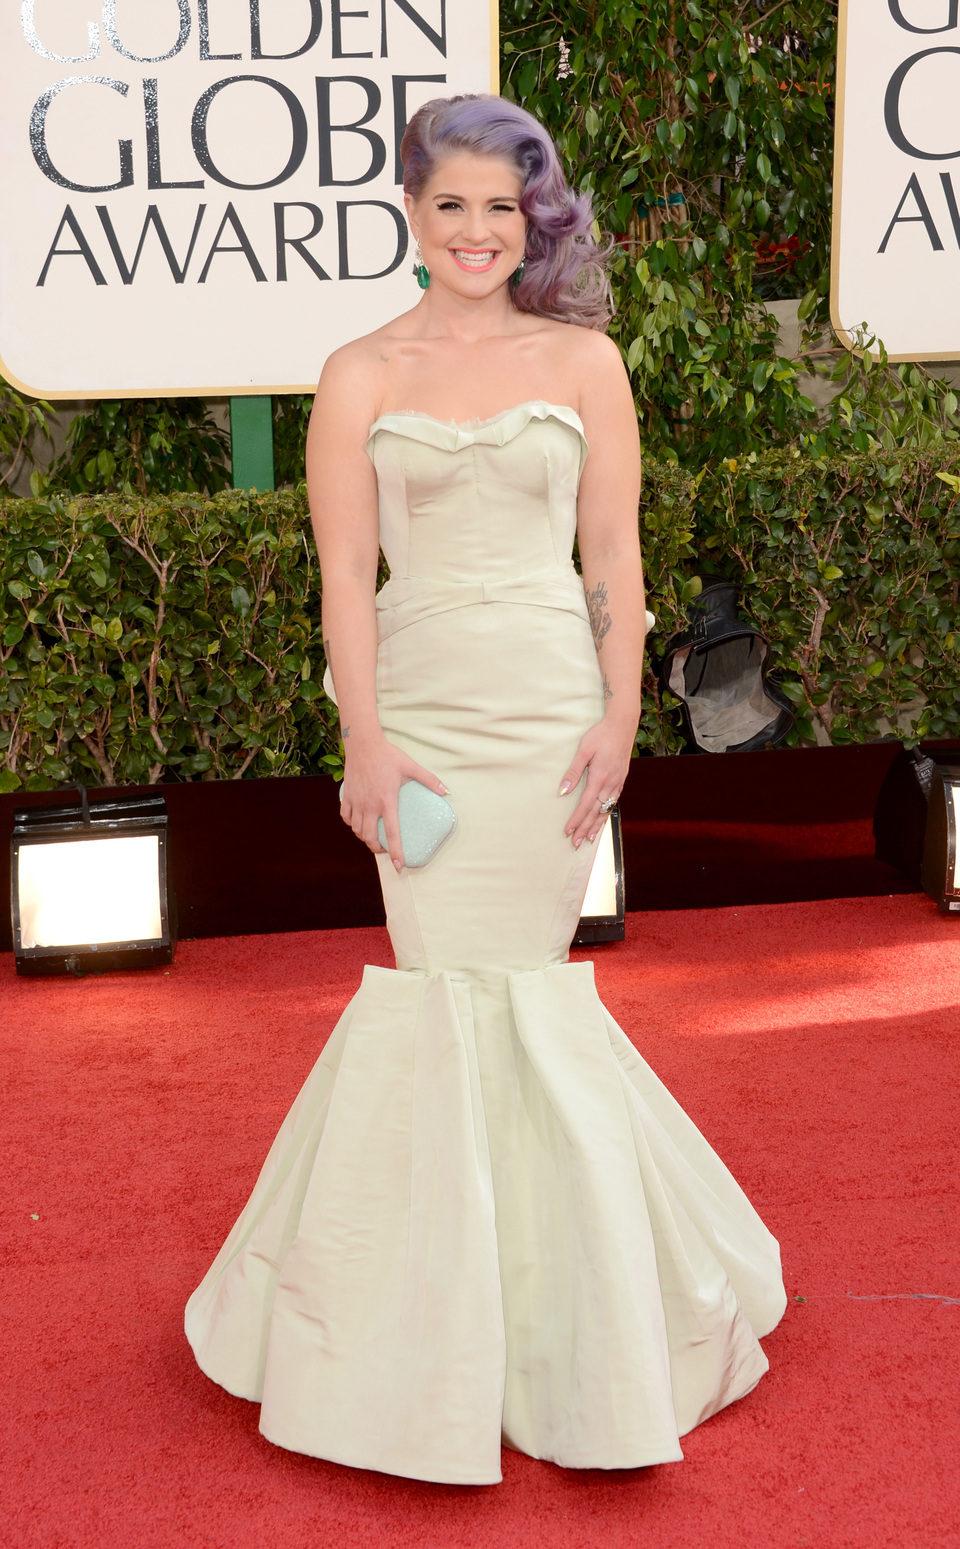 Kelly Osbourne en la alfombra roja de los Globos de Oro 2013